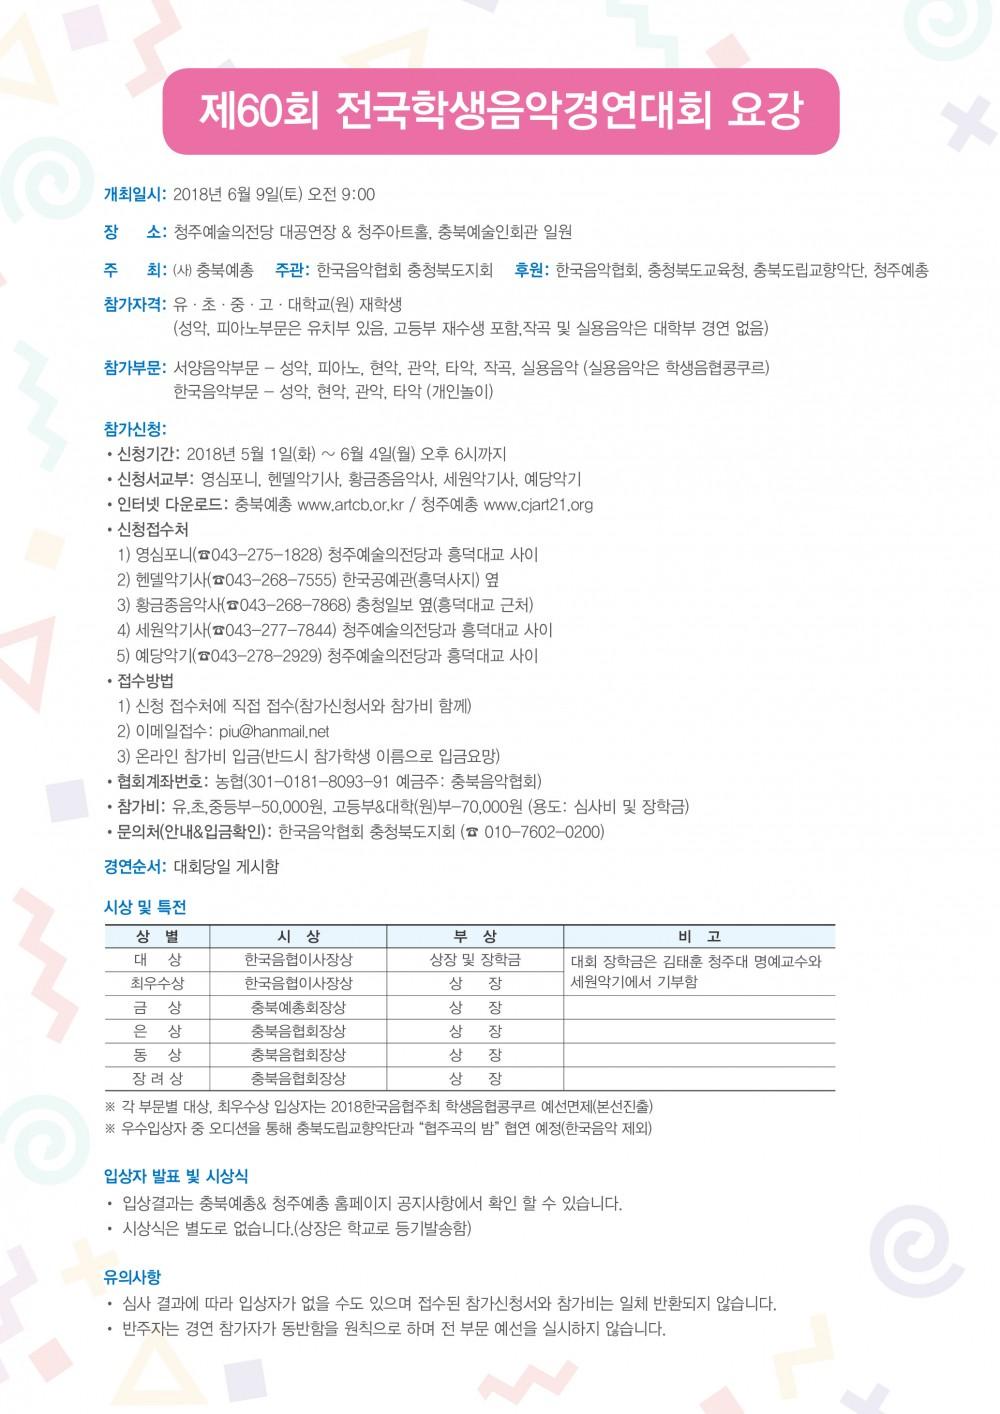 콩쿨요강최종 (2).jpg